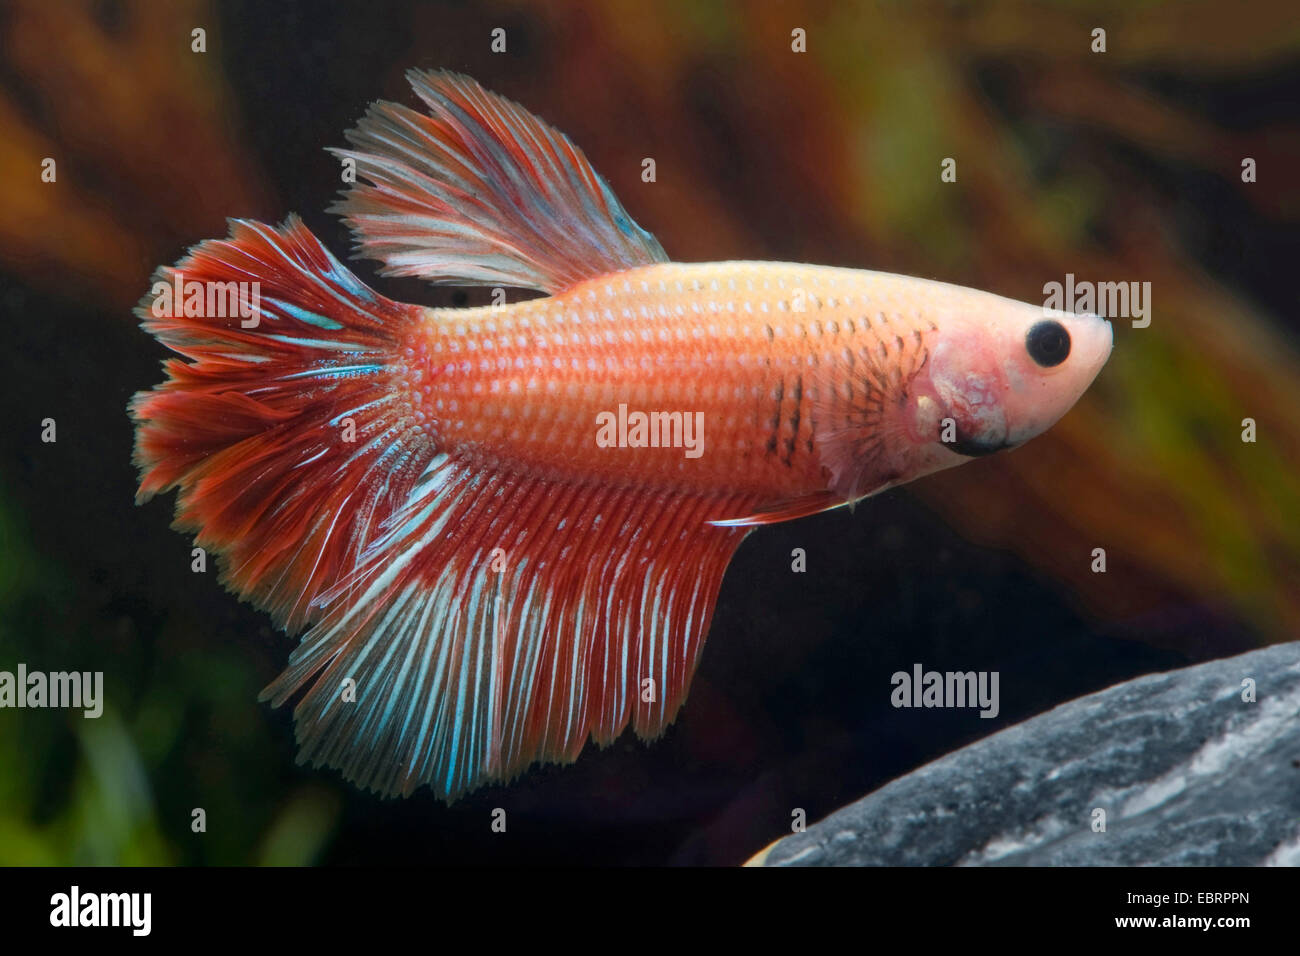 La lucha contra los peces siameses, Siameses fighter (Betta splendens), raza Media Luna Mirabelle Imagen De Stock